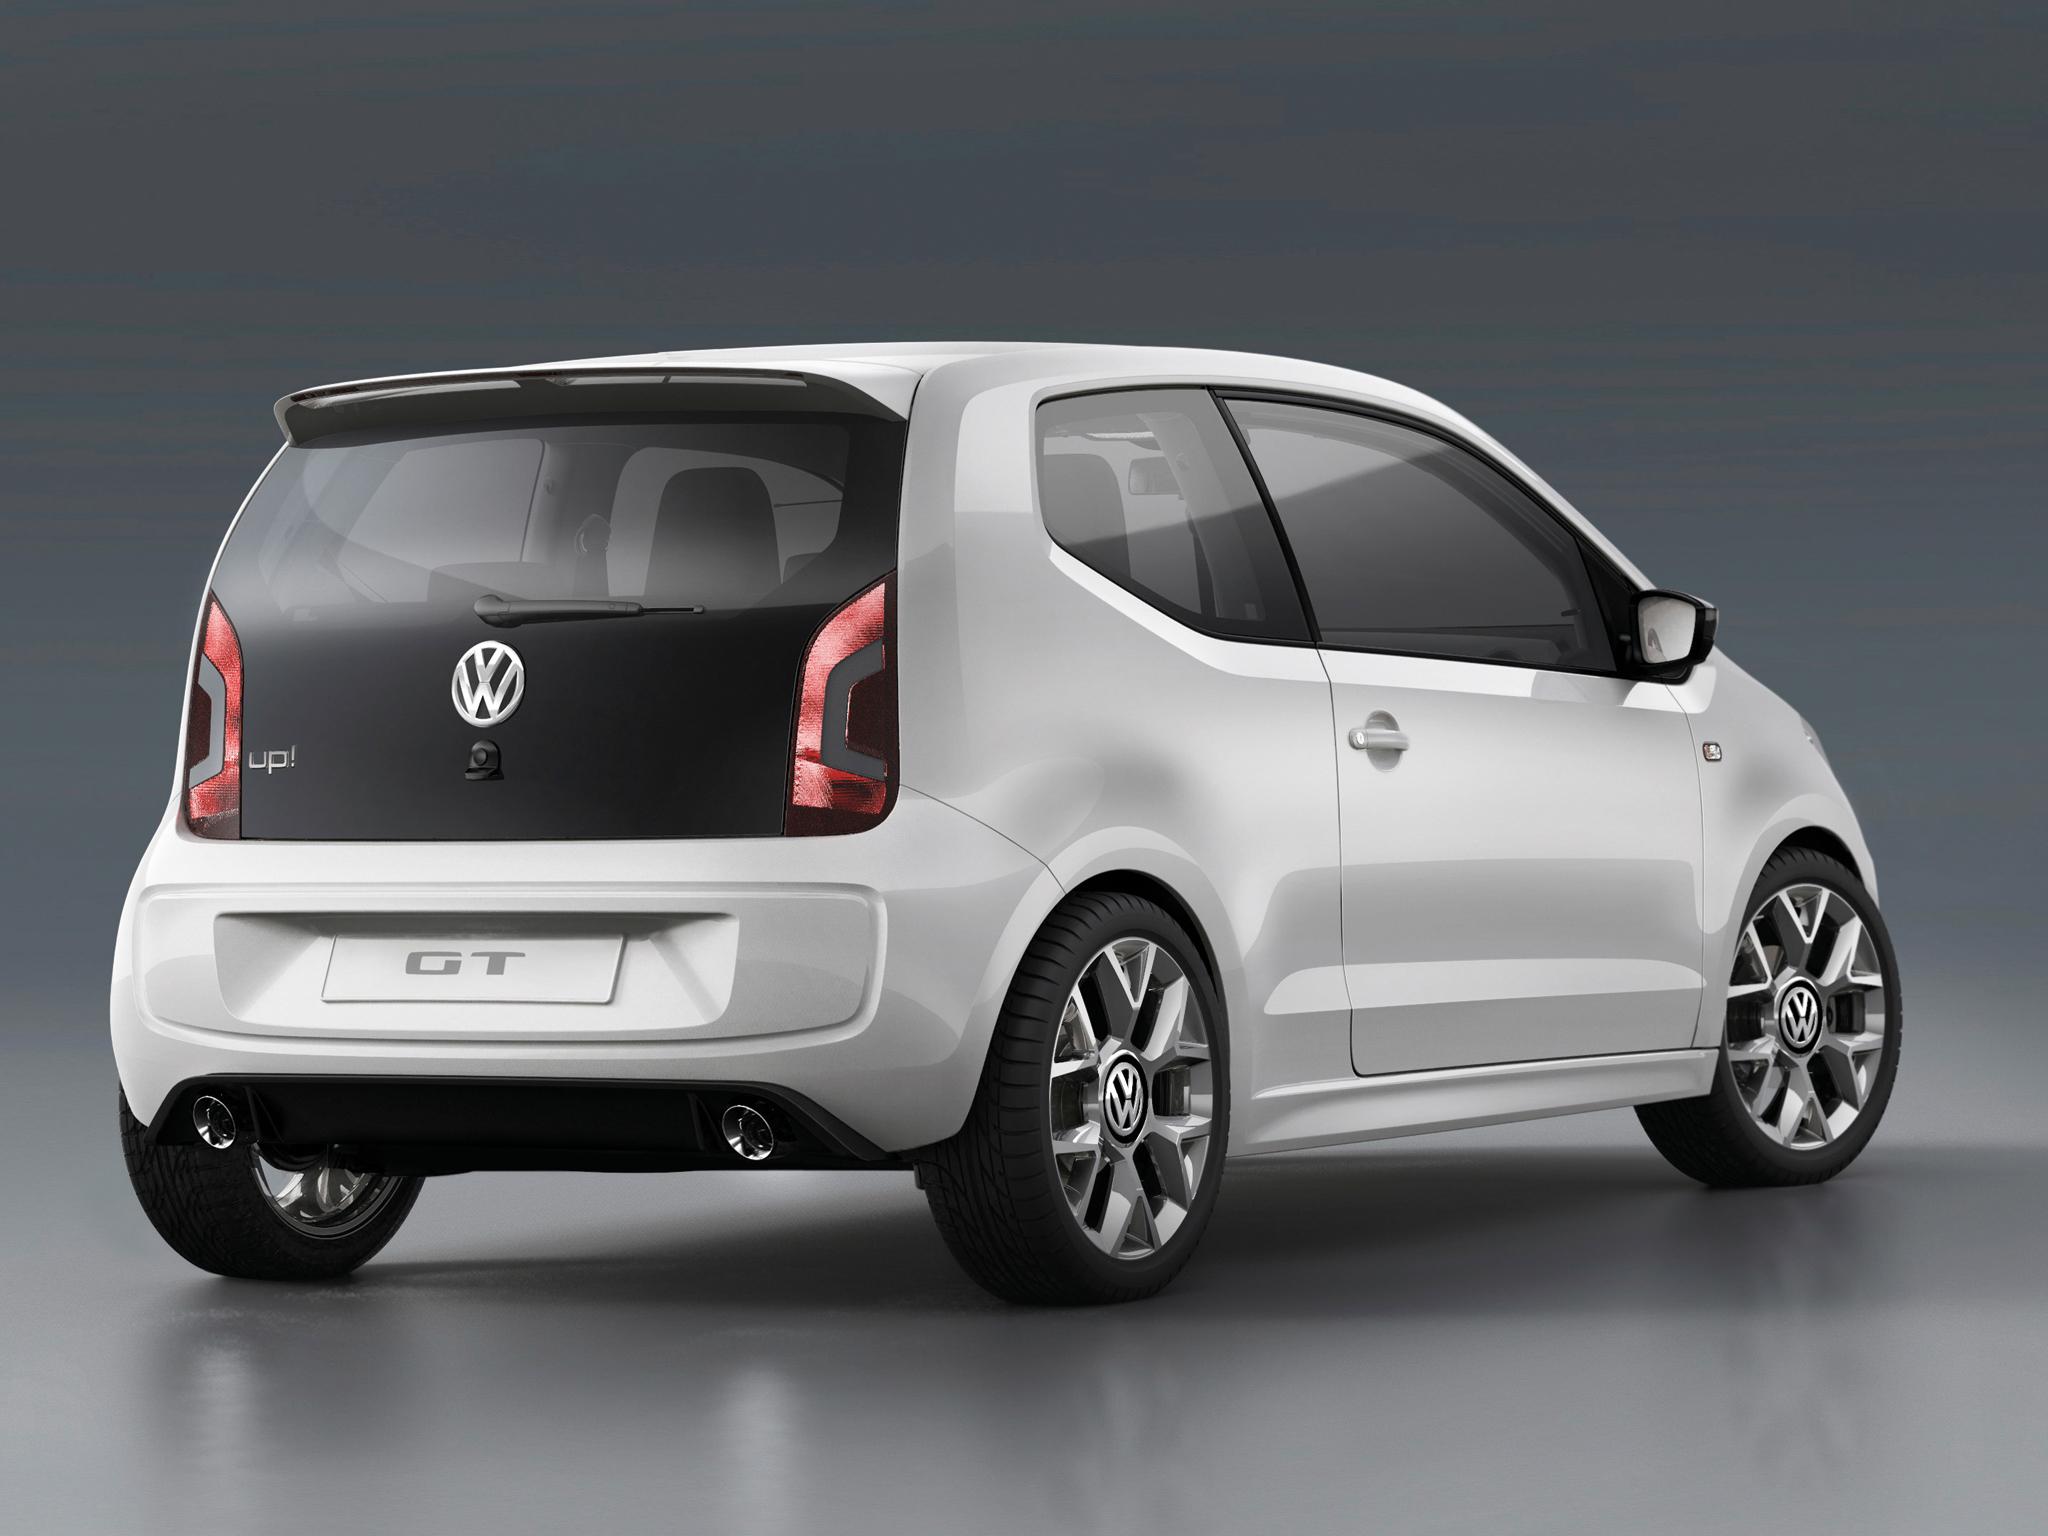 Volkswagen Up GT, Volkswagen Up GTI